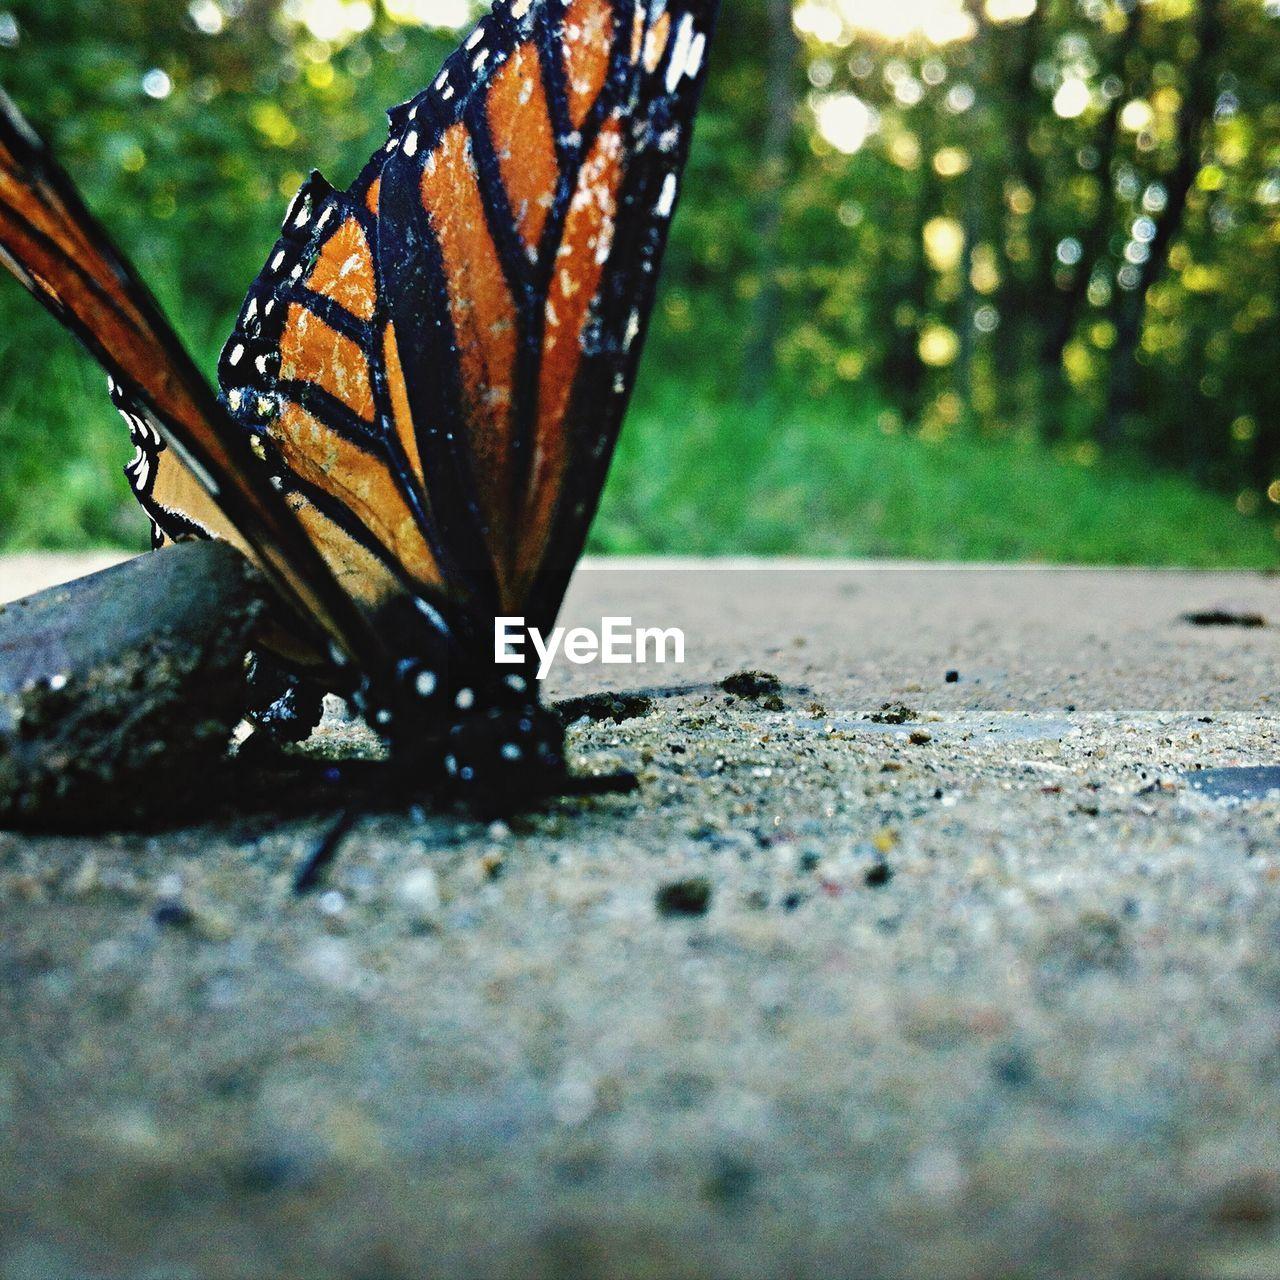 Dead Butterfly Lying On Floor